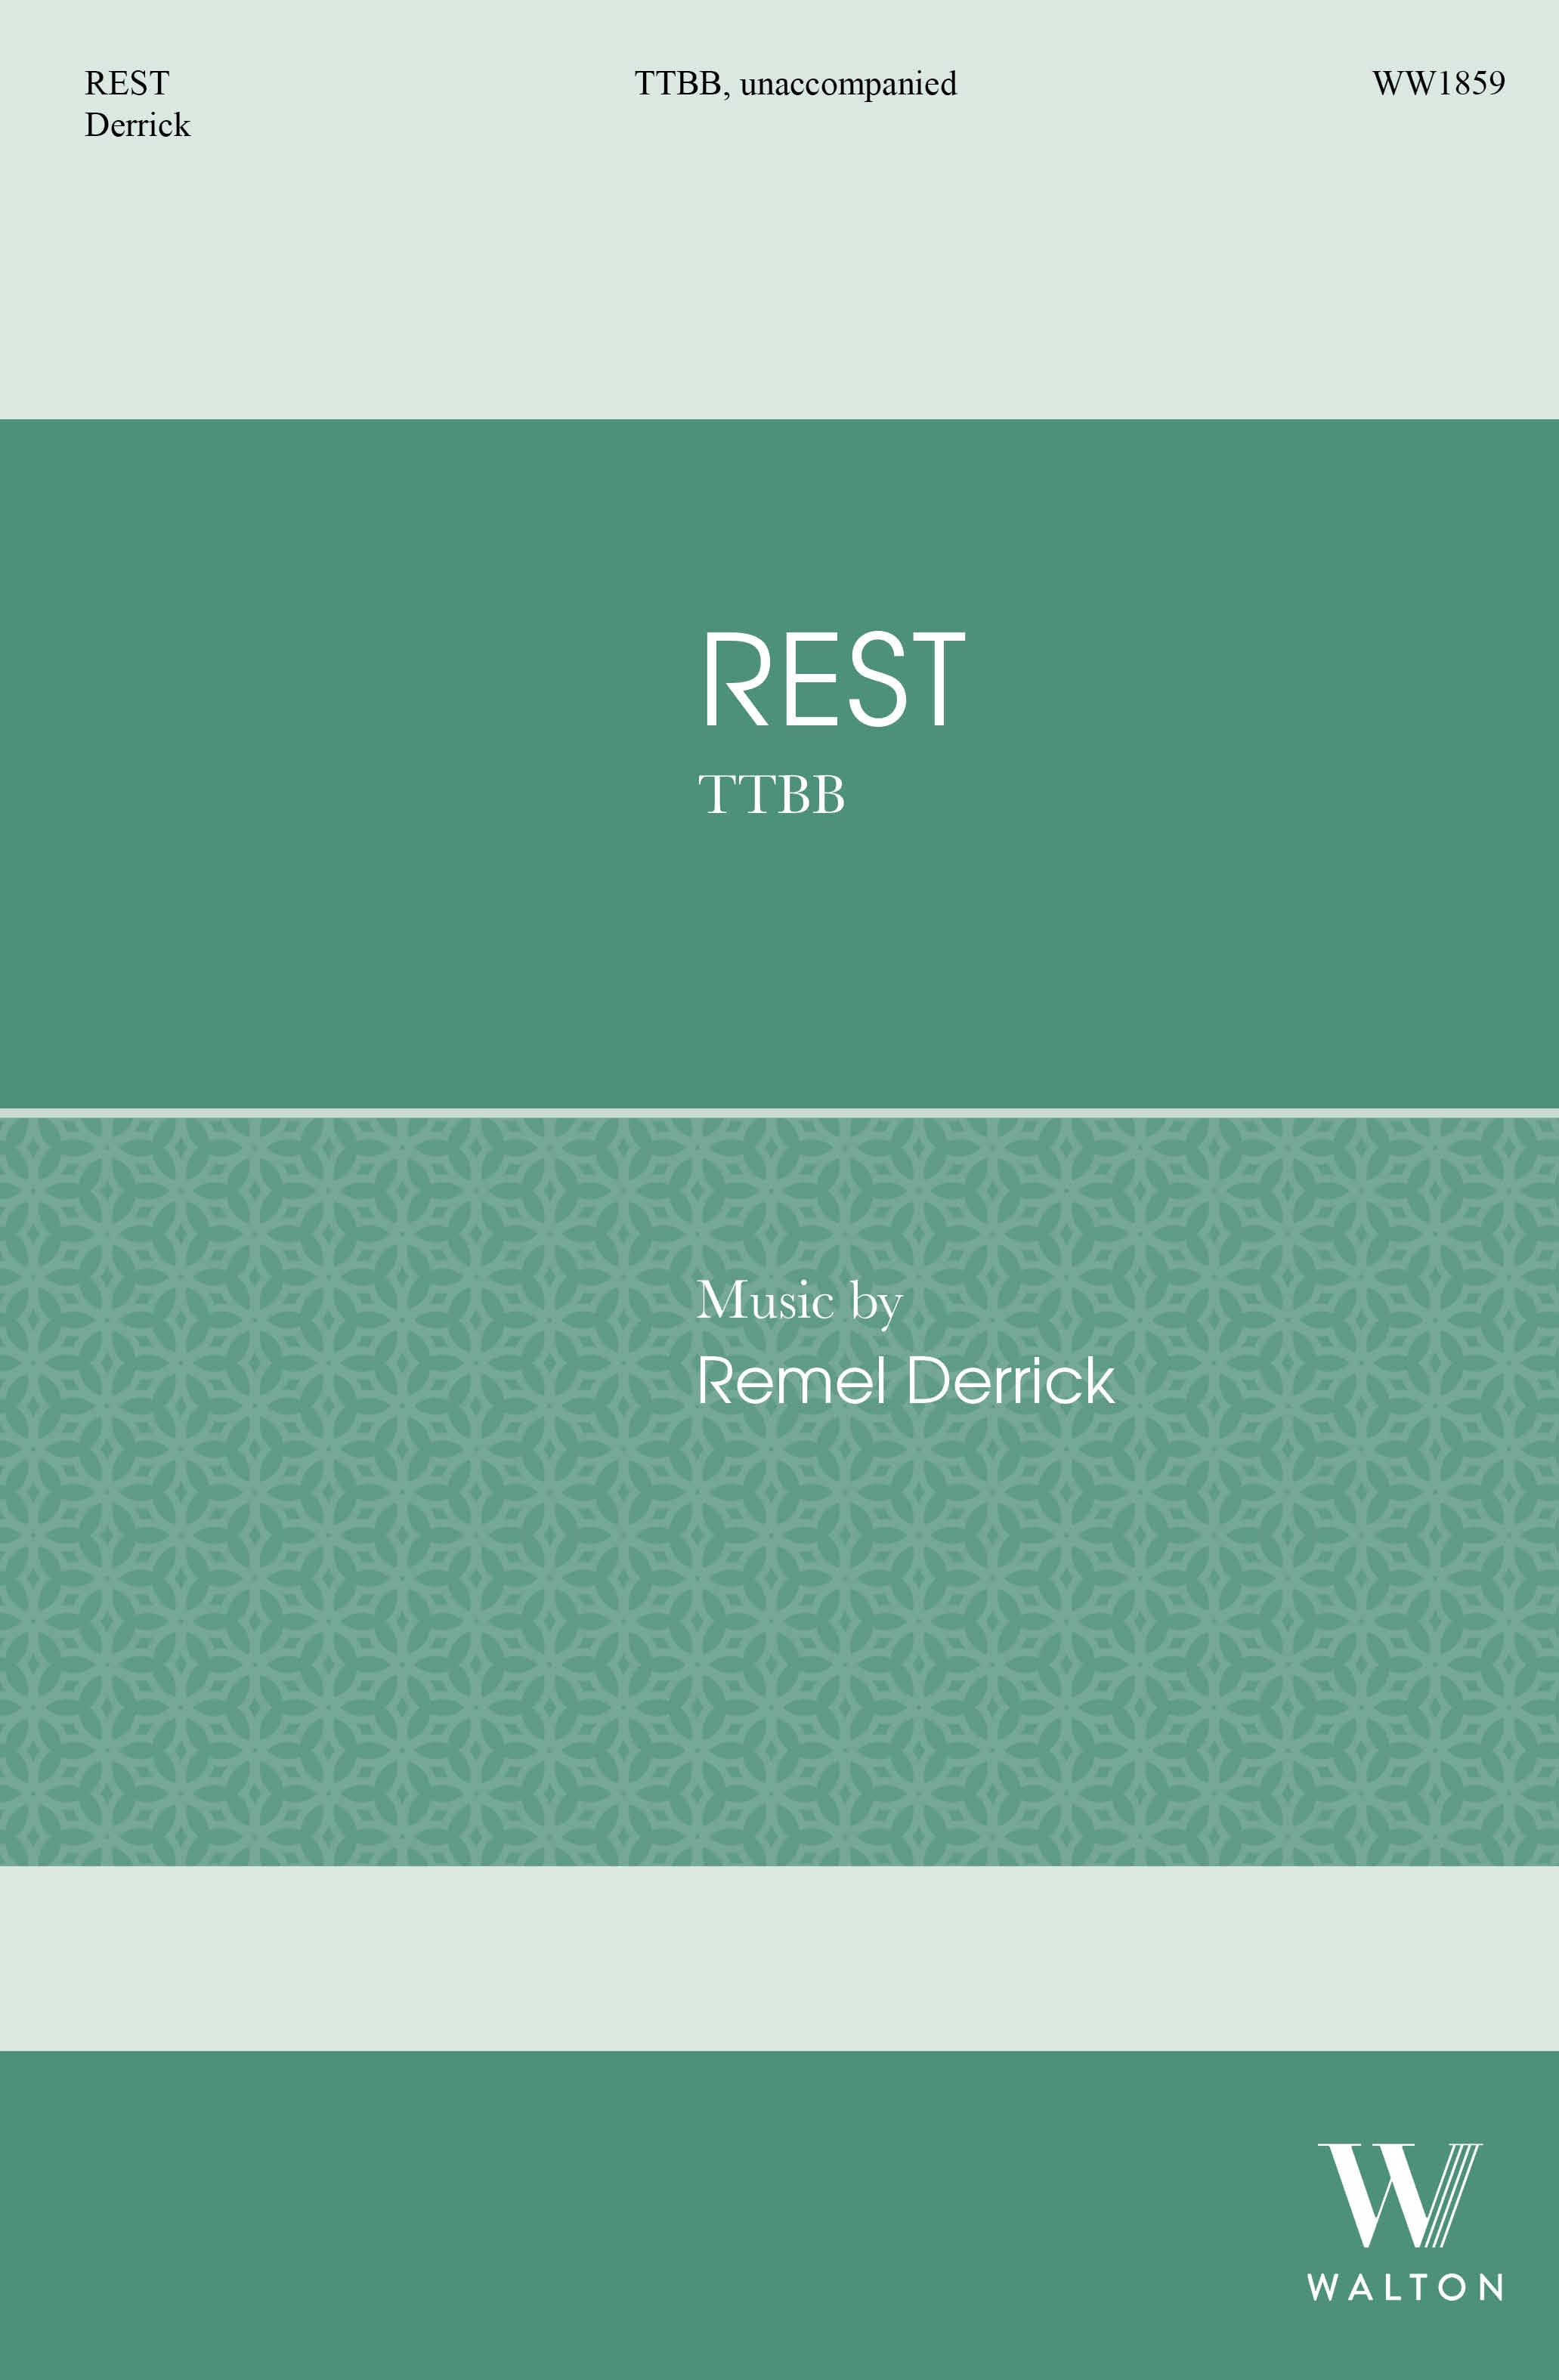 Remel Derrick: Rest: Lower Voices A Cappella: Choral Score